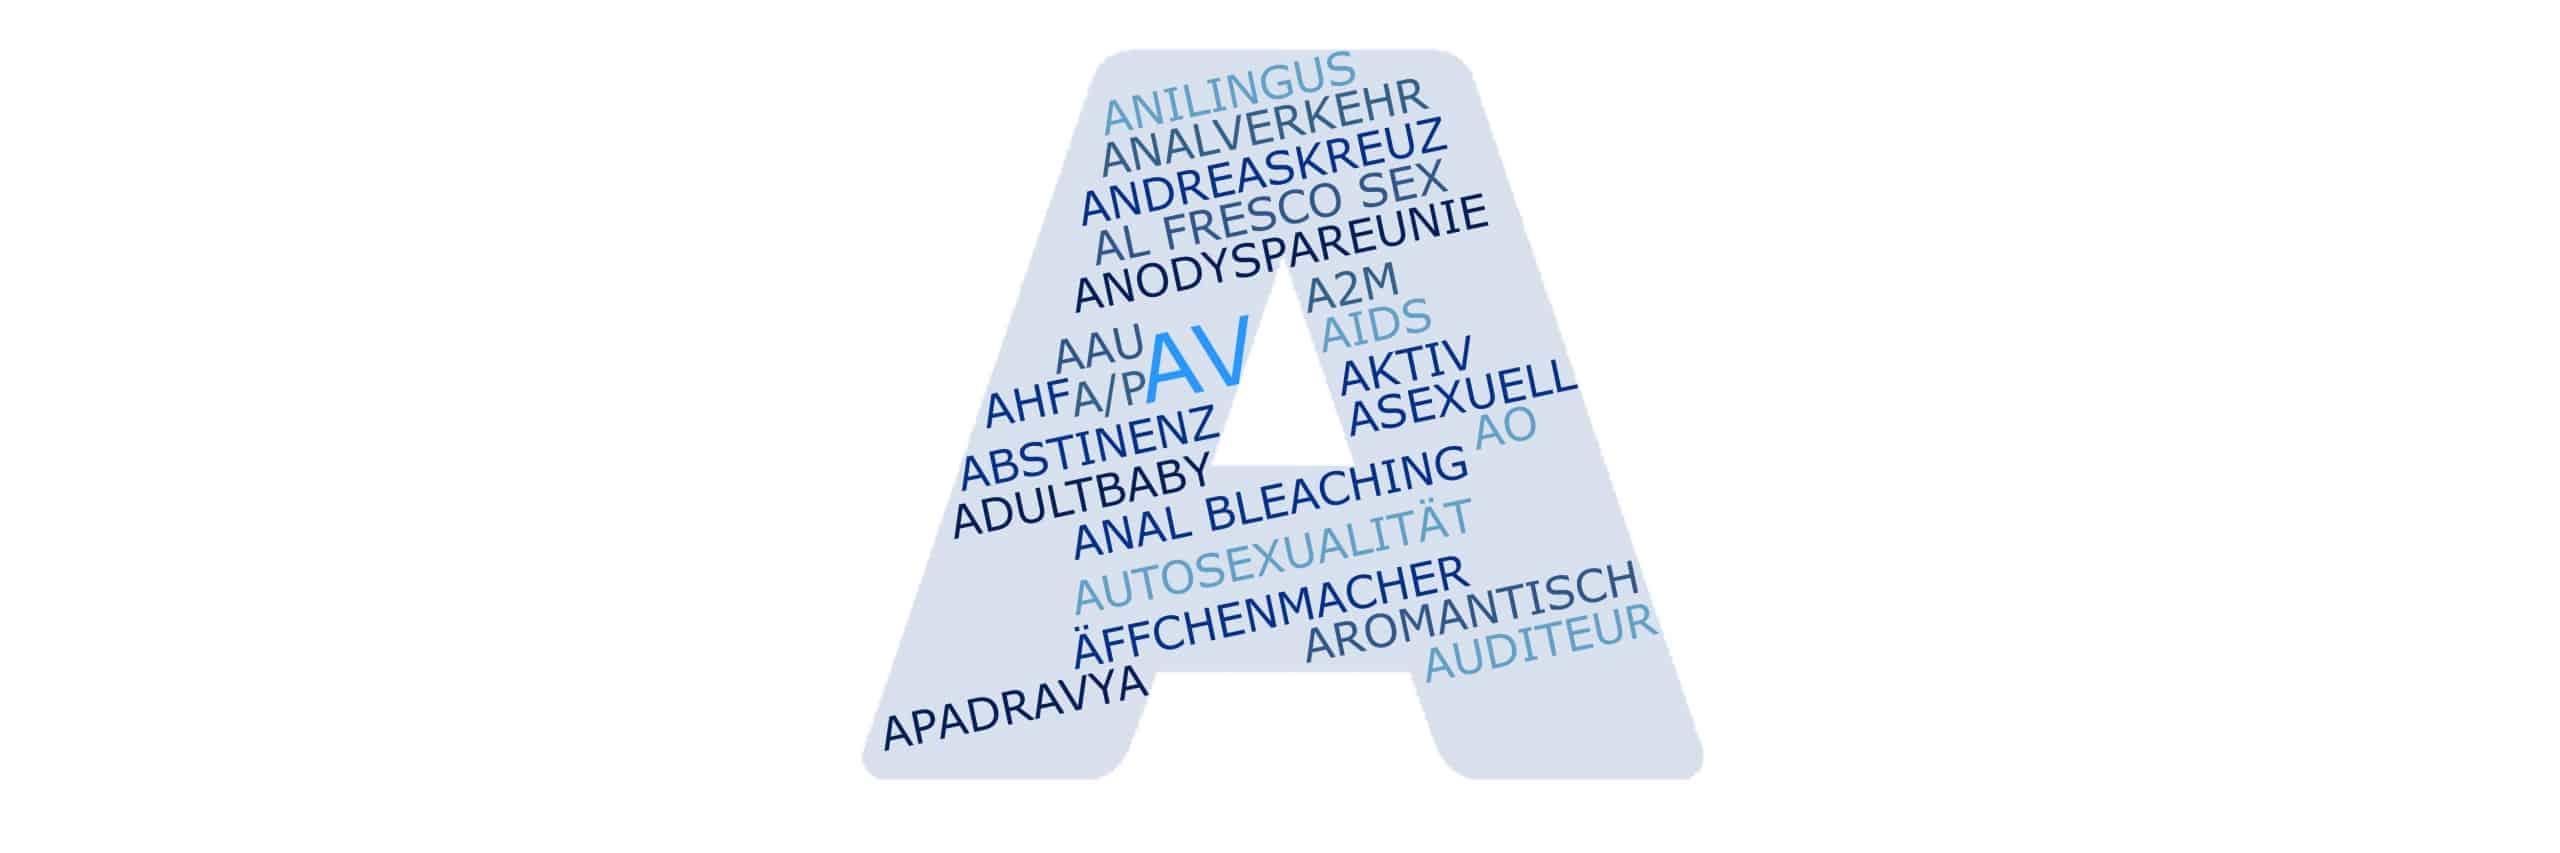 AV bezeichnet den Analsex bei Homo- und Heterosexuellen Paaren